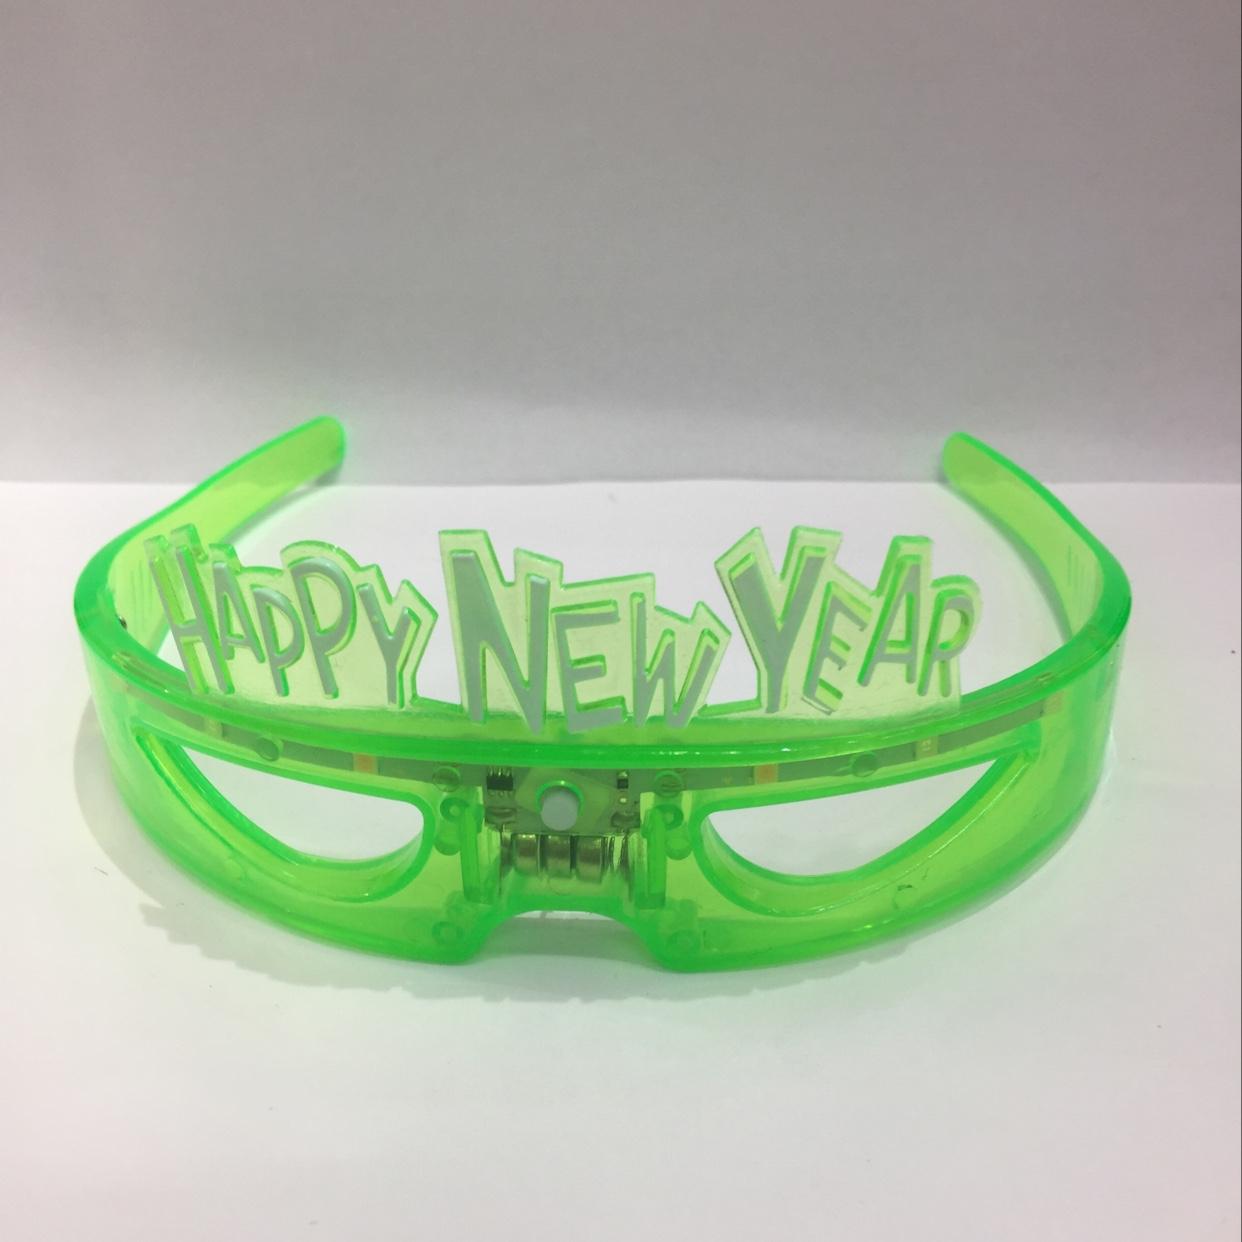 发光新年眼镜